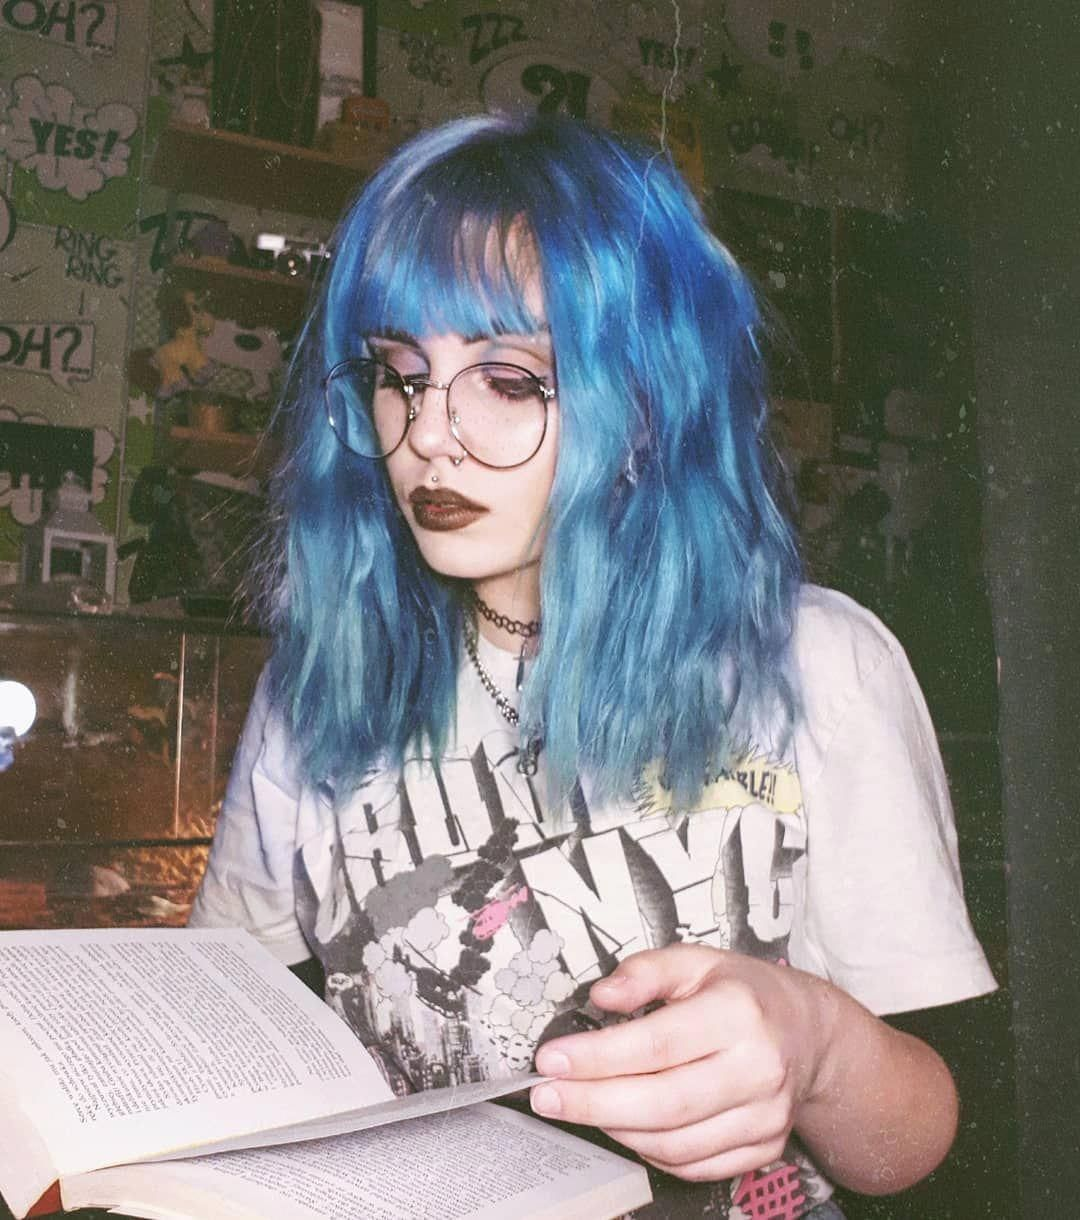 Blue Black Hair In 2020 Blue Black Hair Dyed Hair Blue Electric Blue Hair